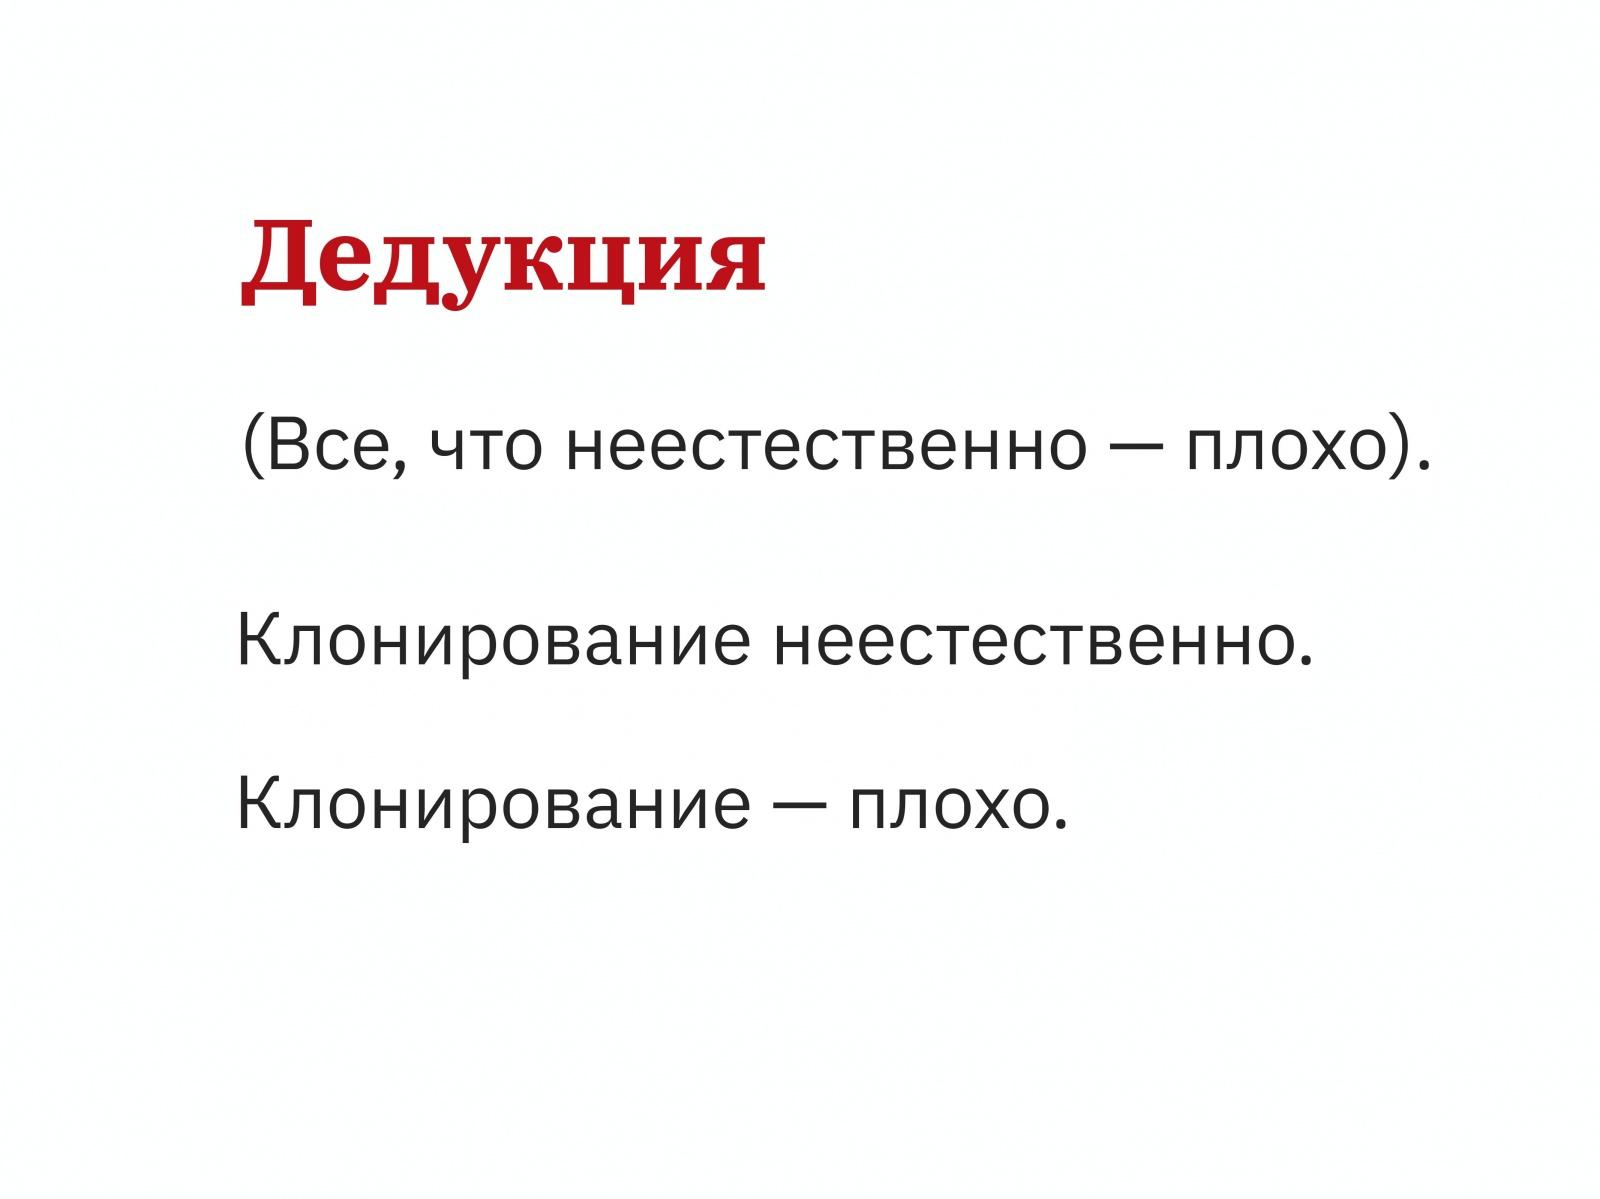 Алексей Каптерев: Критическое мышление 101 (часть 2) - 16